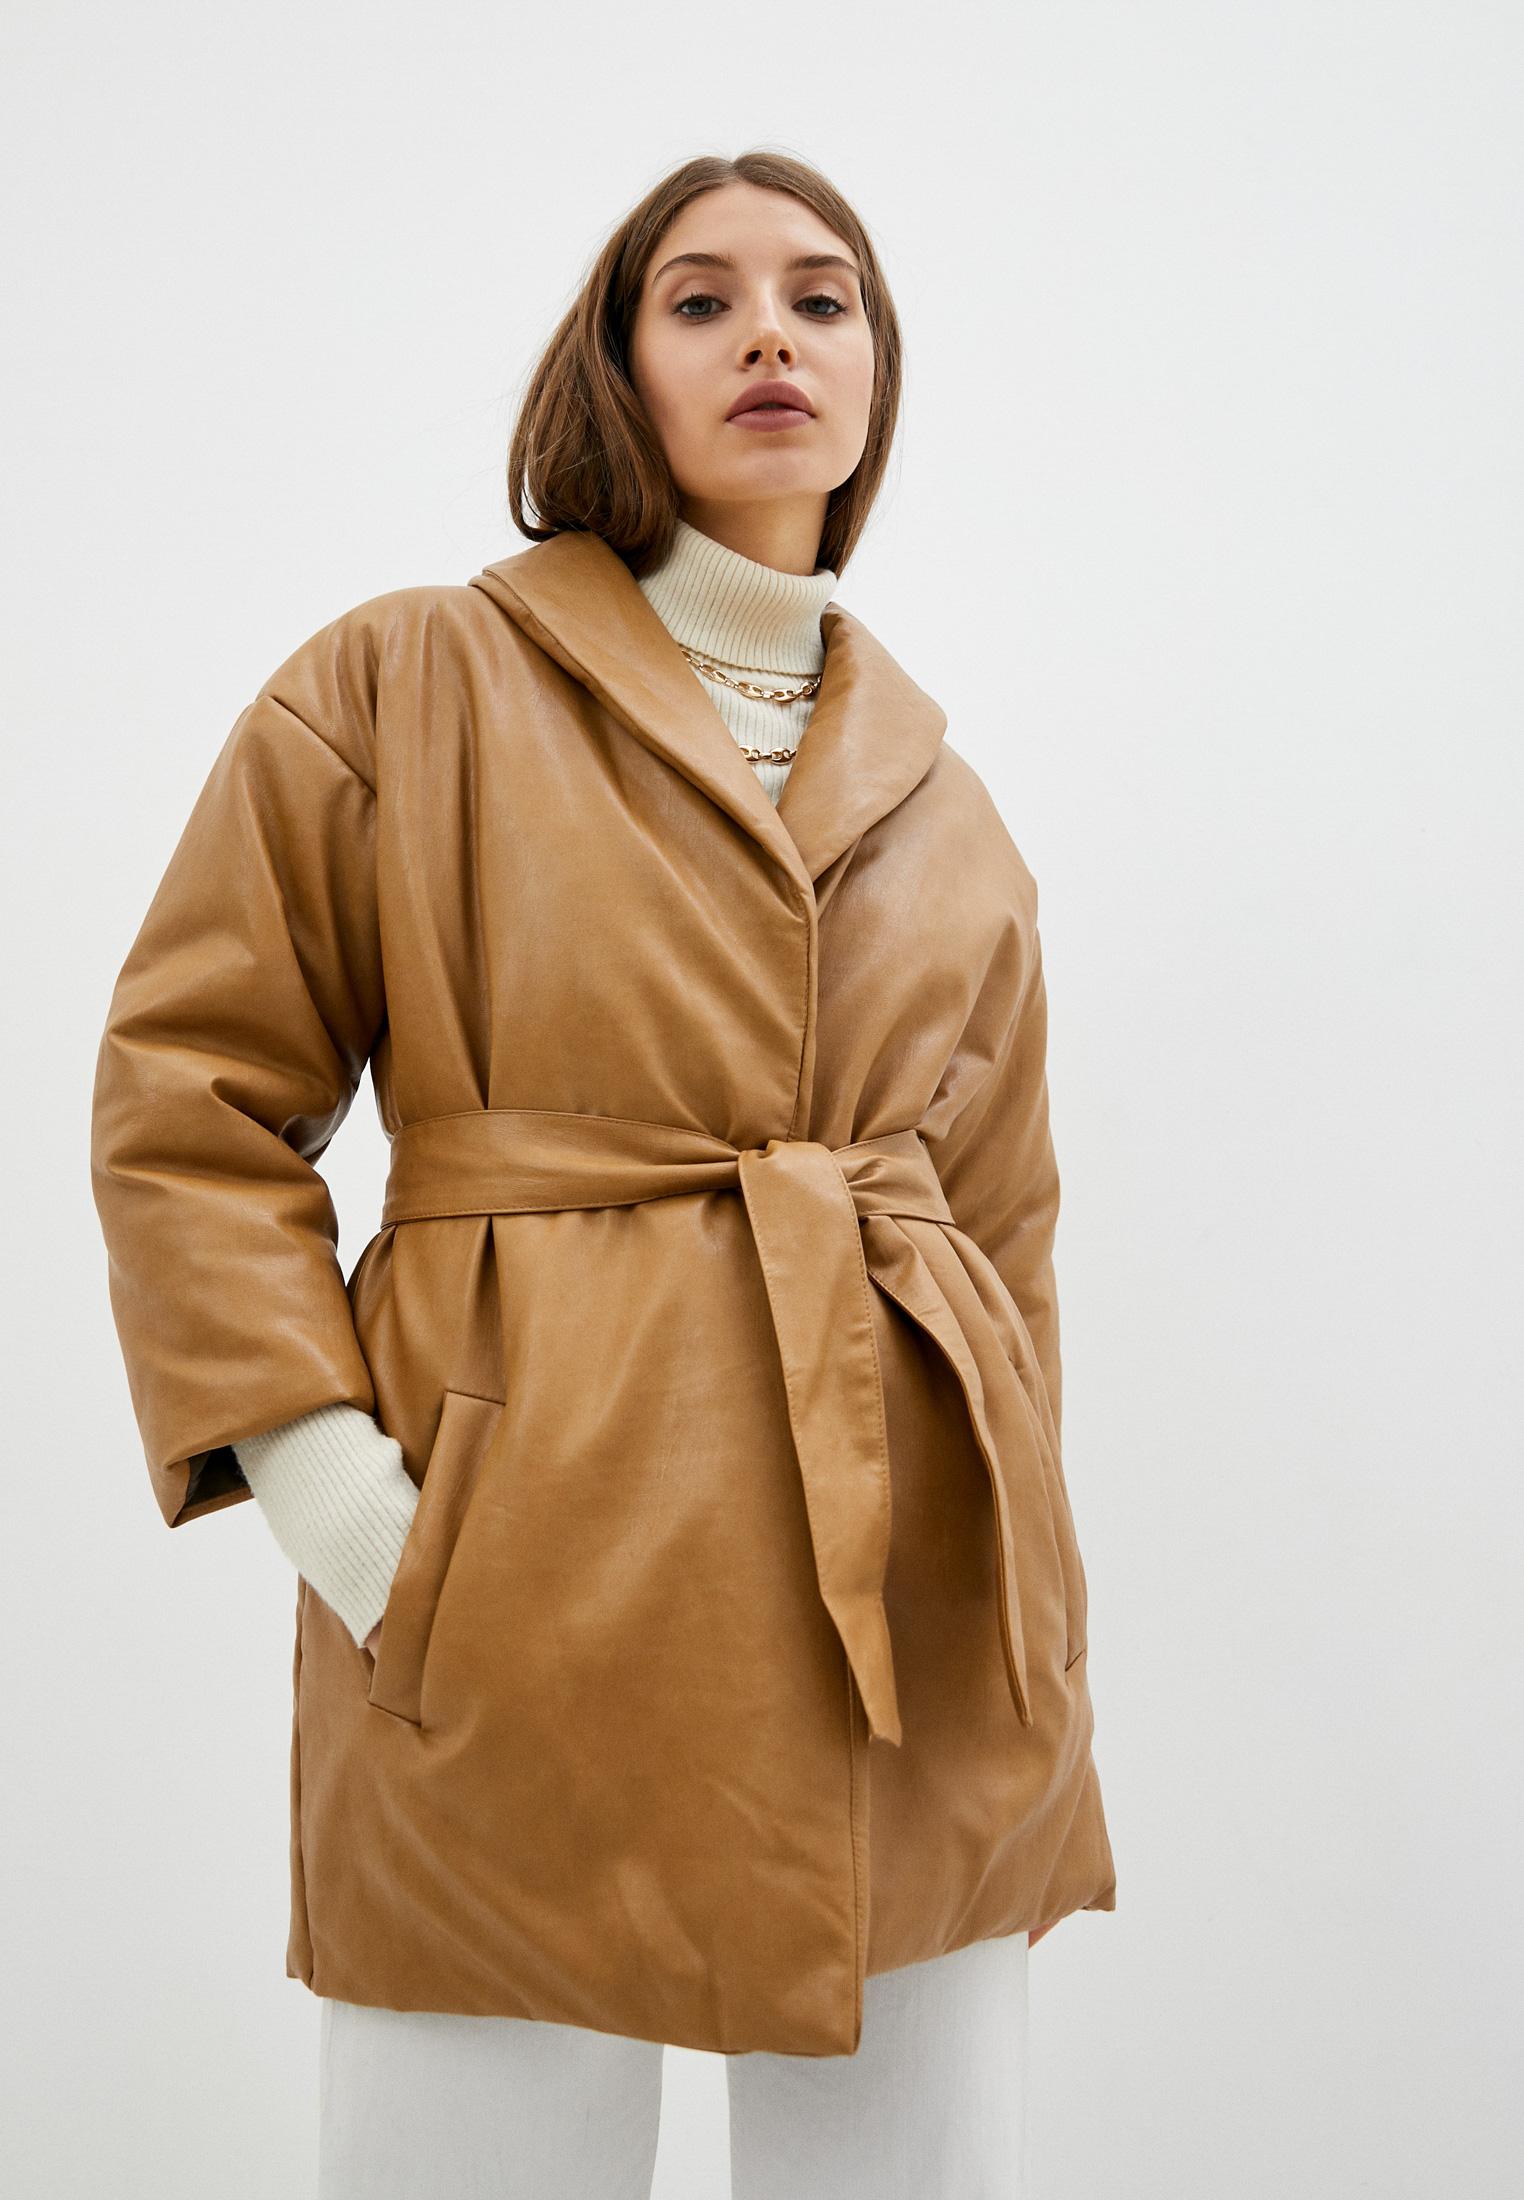 Кожаная куртка Fragarika Куртка кожаная Fragarika